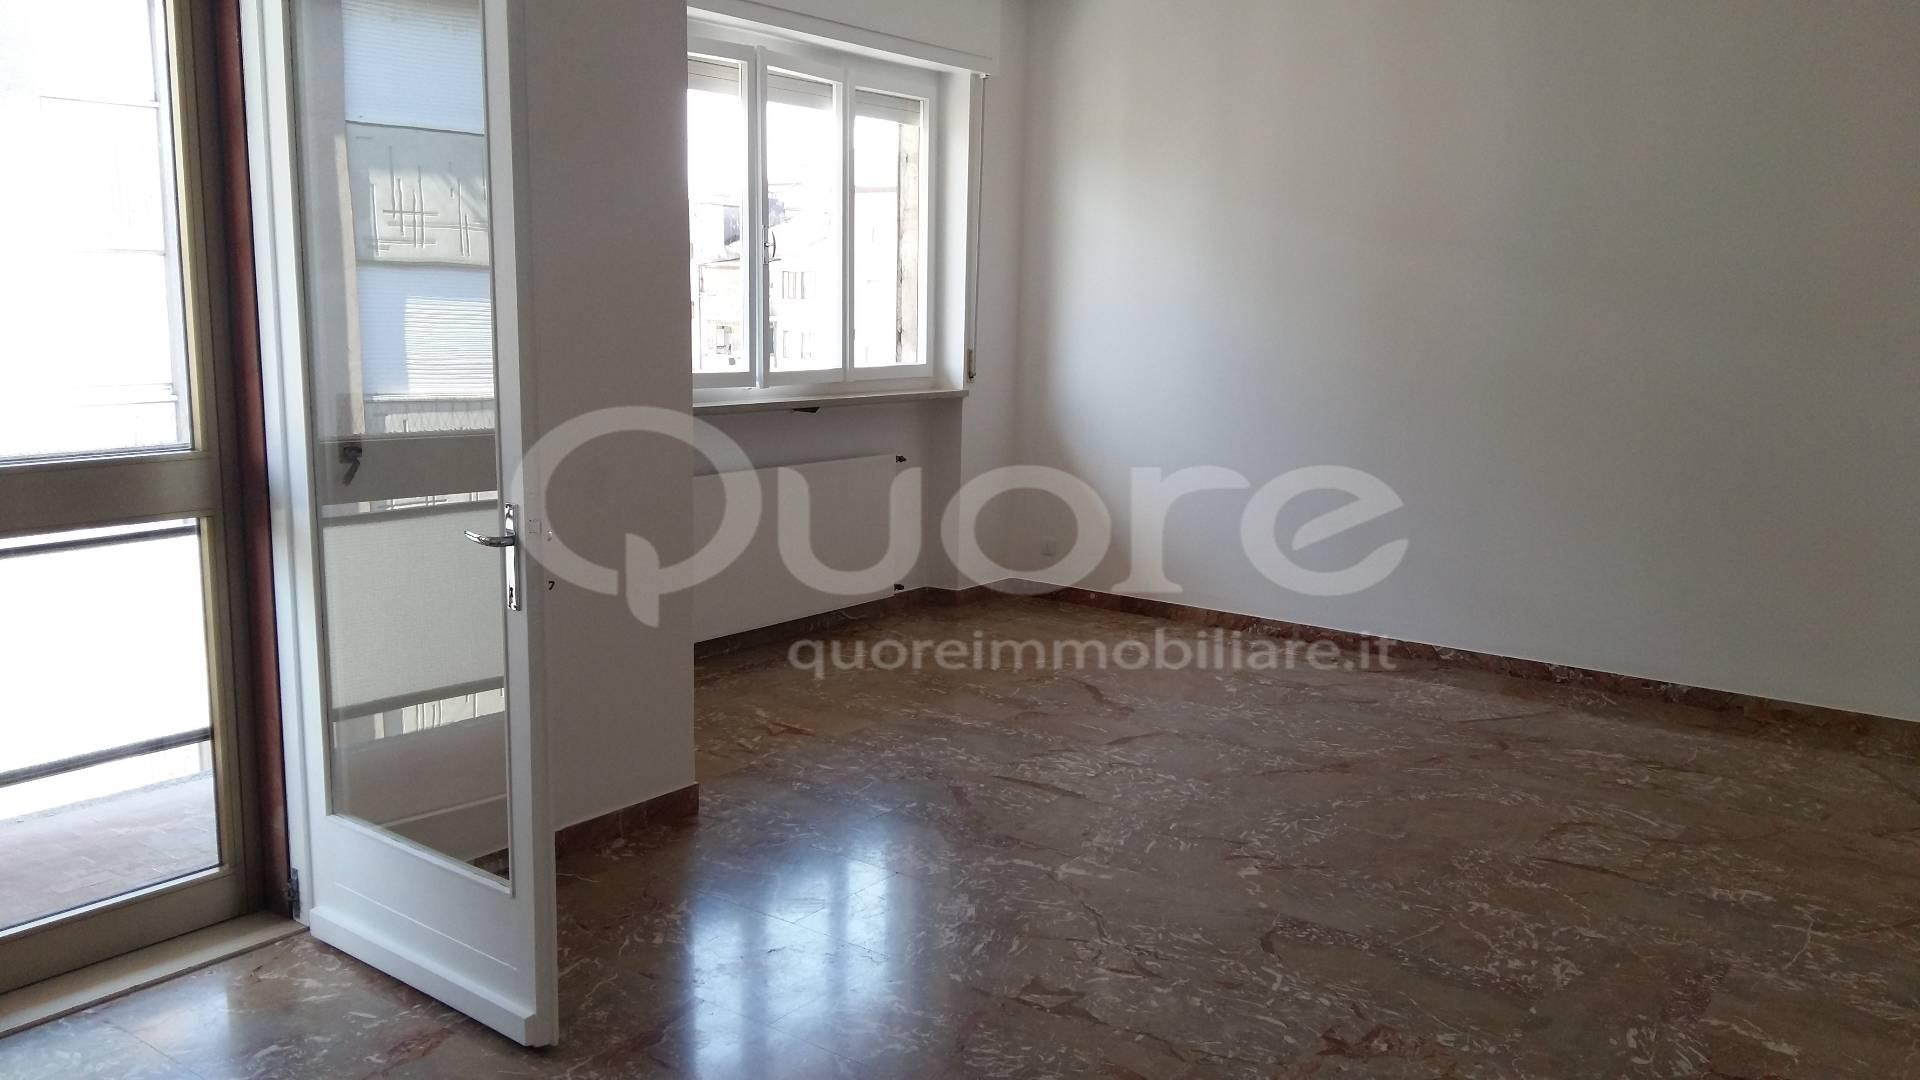 Appartamento in affitto a Udine, 5 locali, zona Zona: Semicentro, prezzo € 550 | Cambio Casa.it